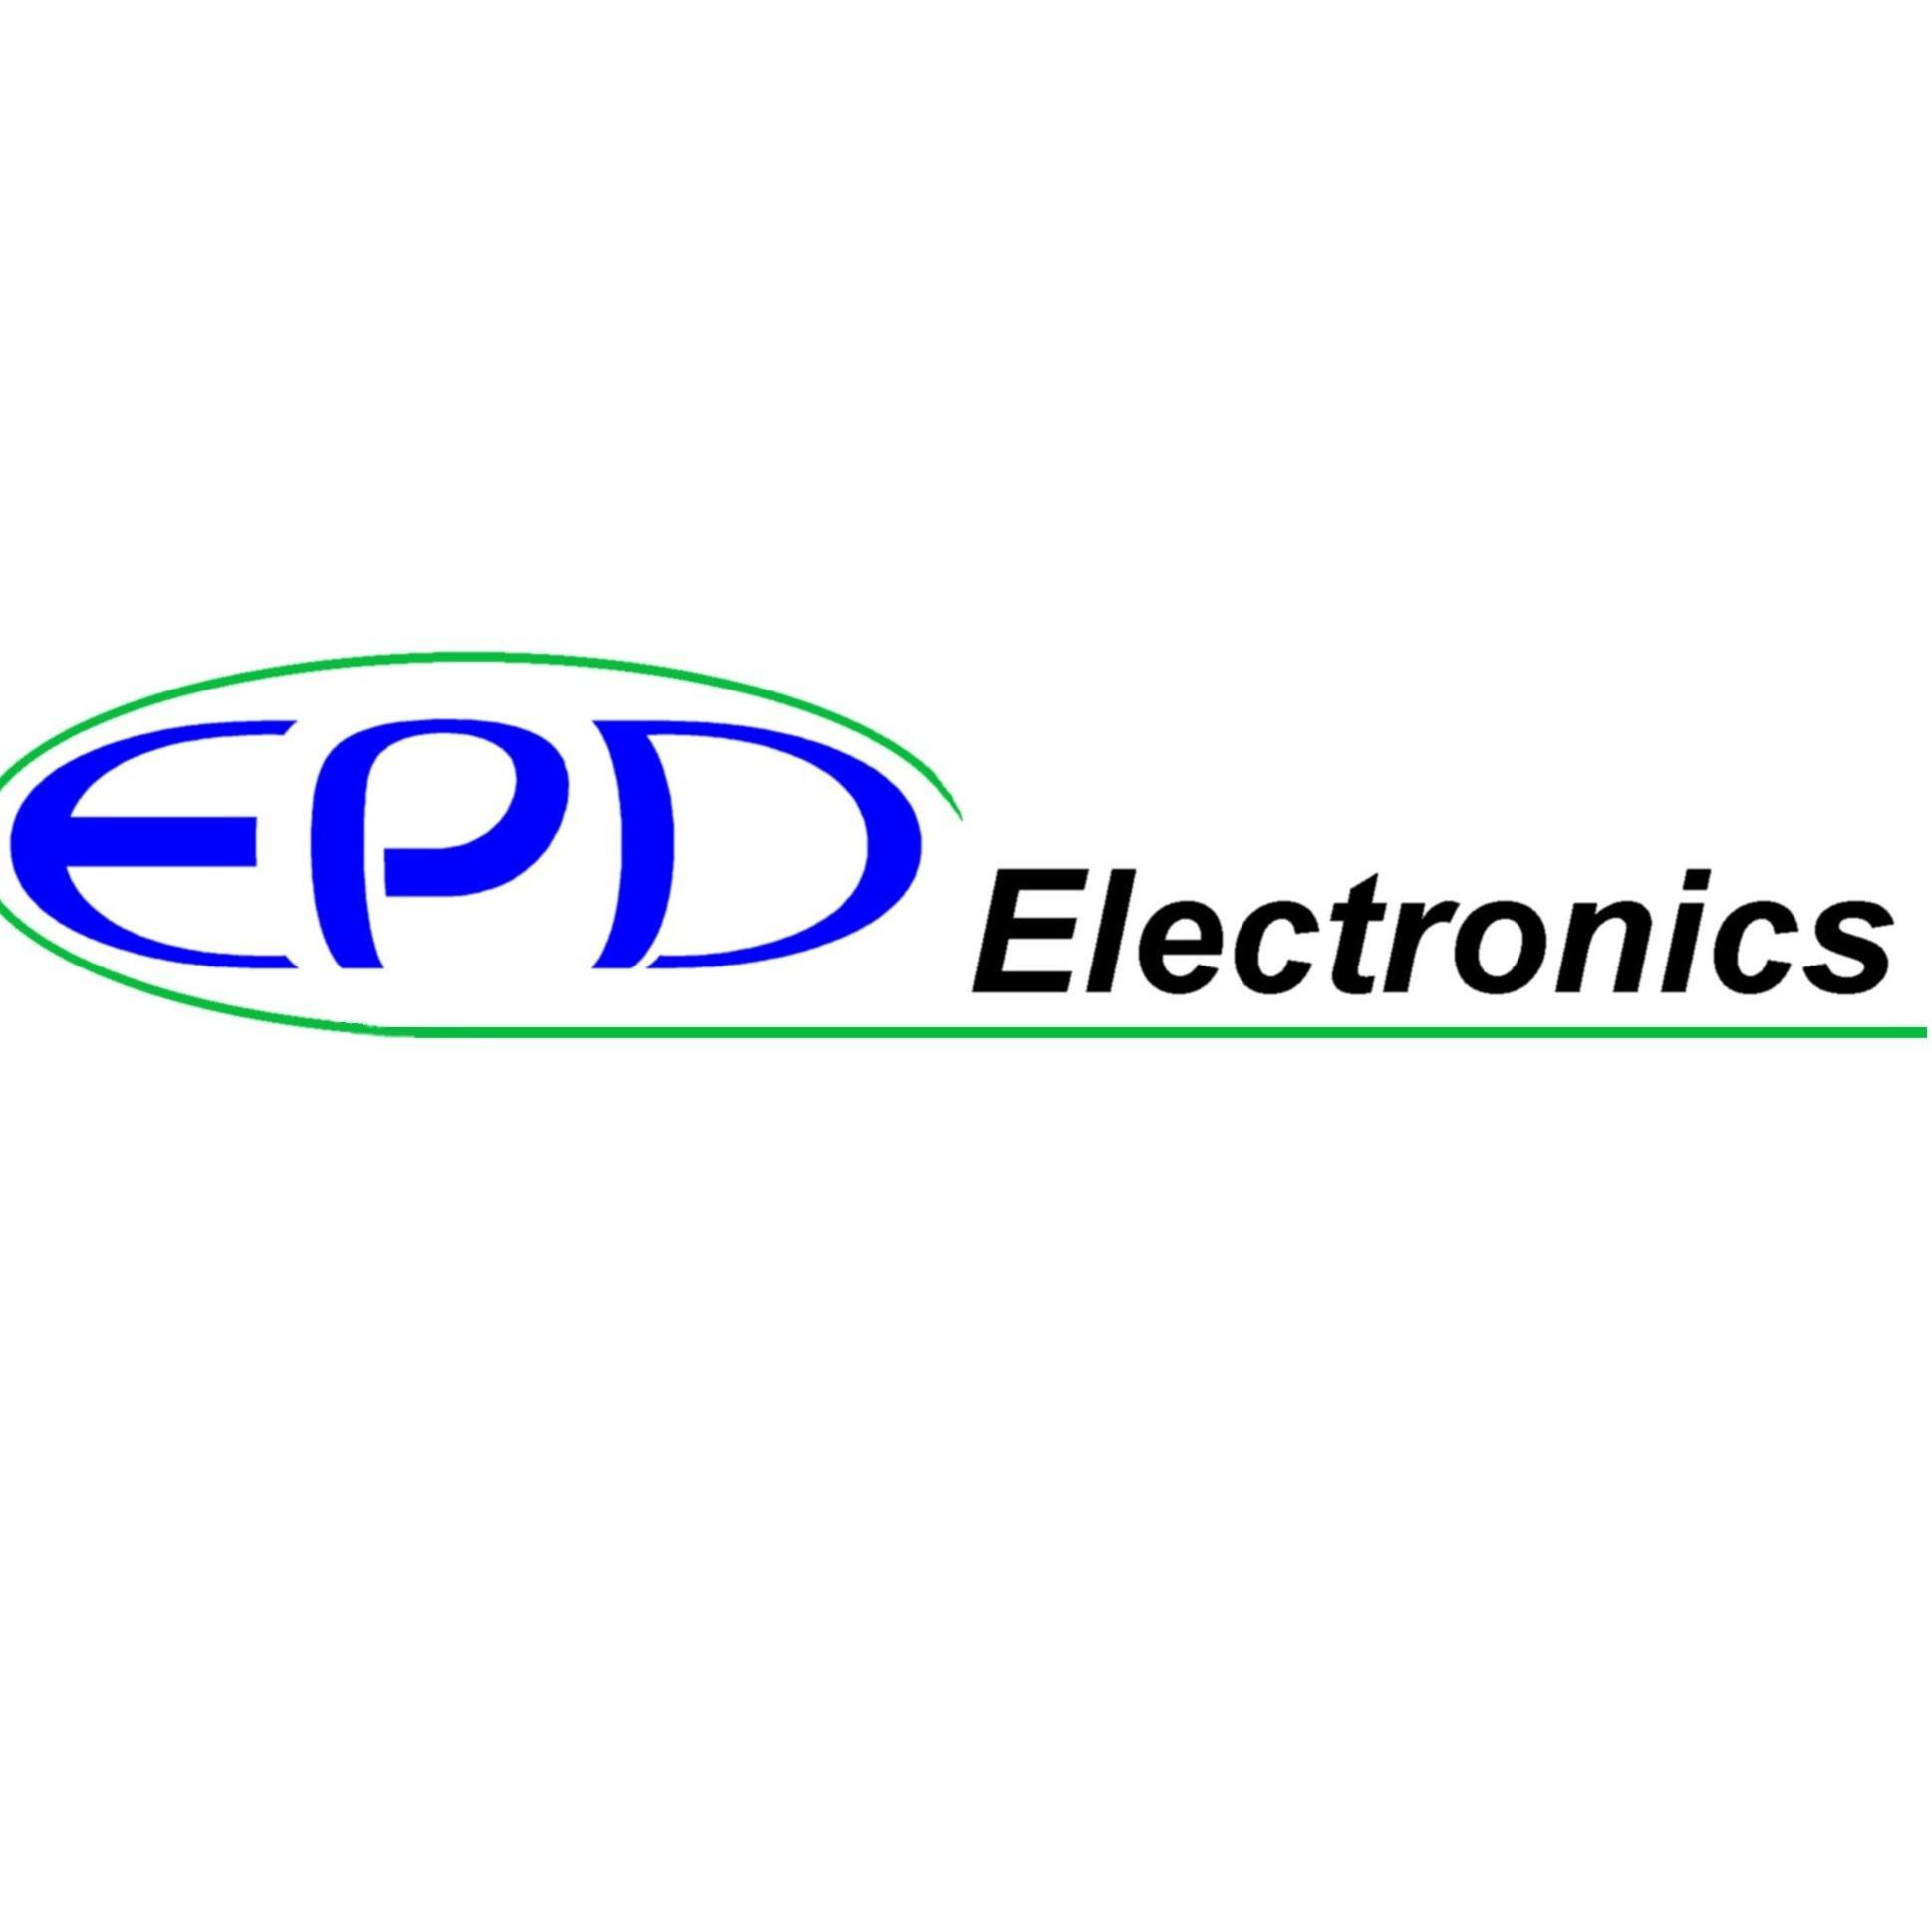 EPD Electronics Inc. image 5